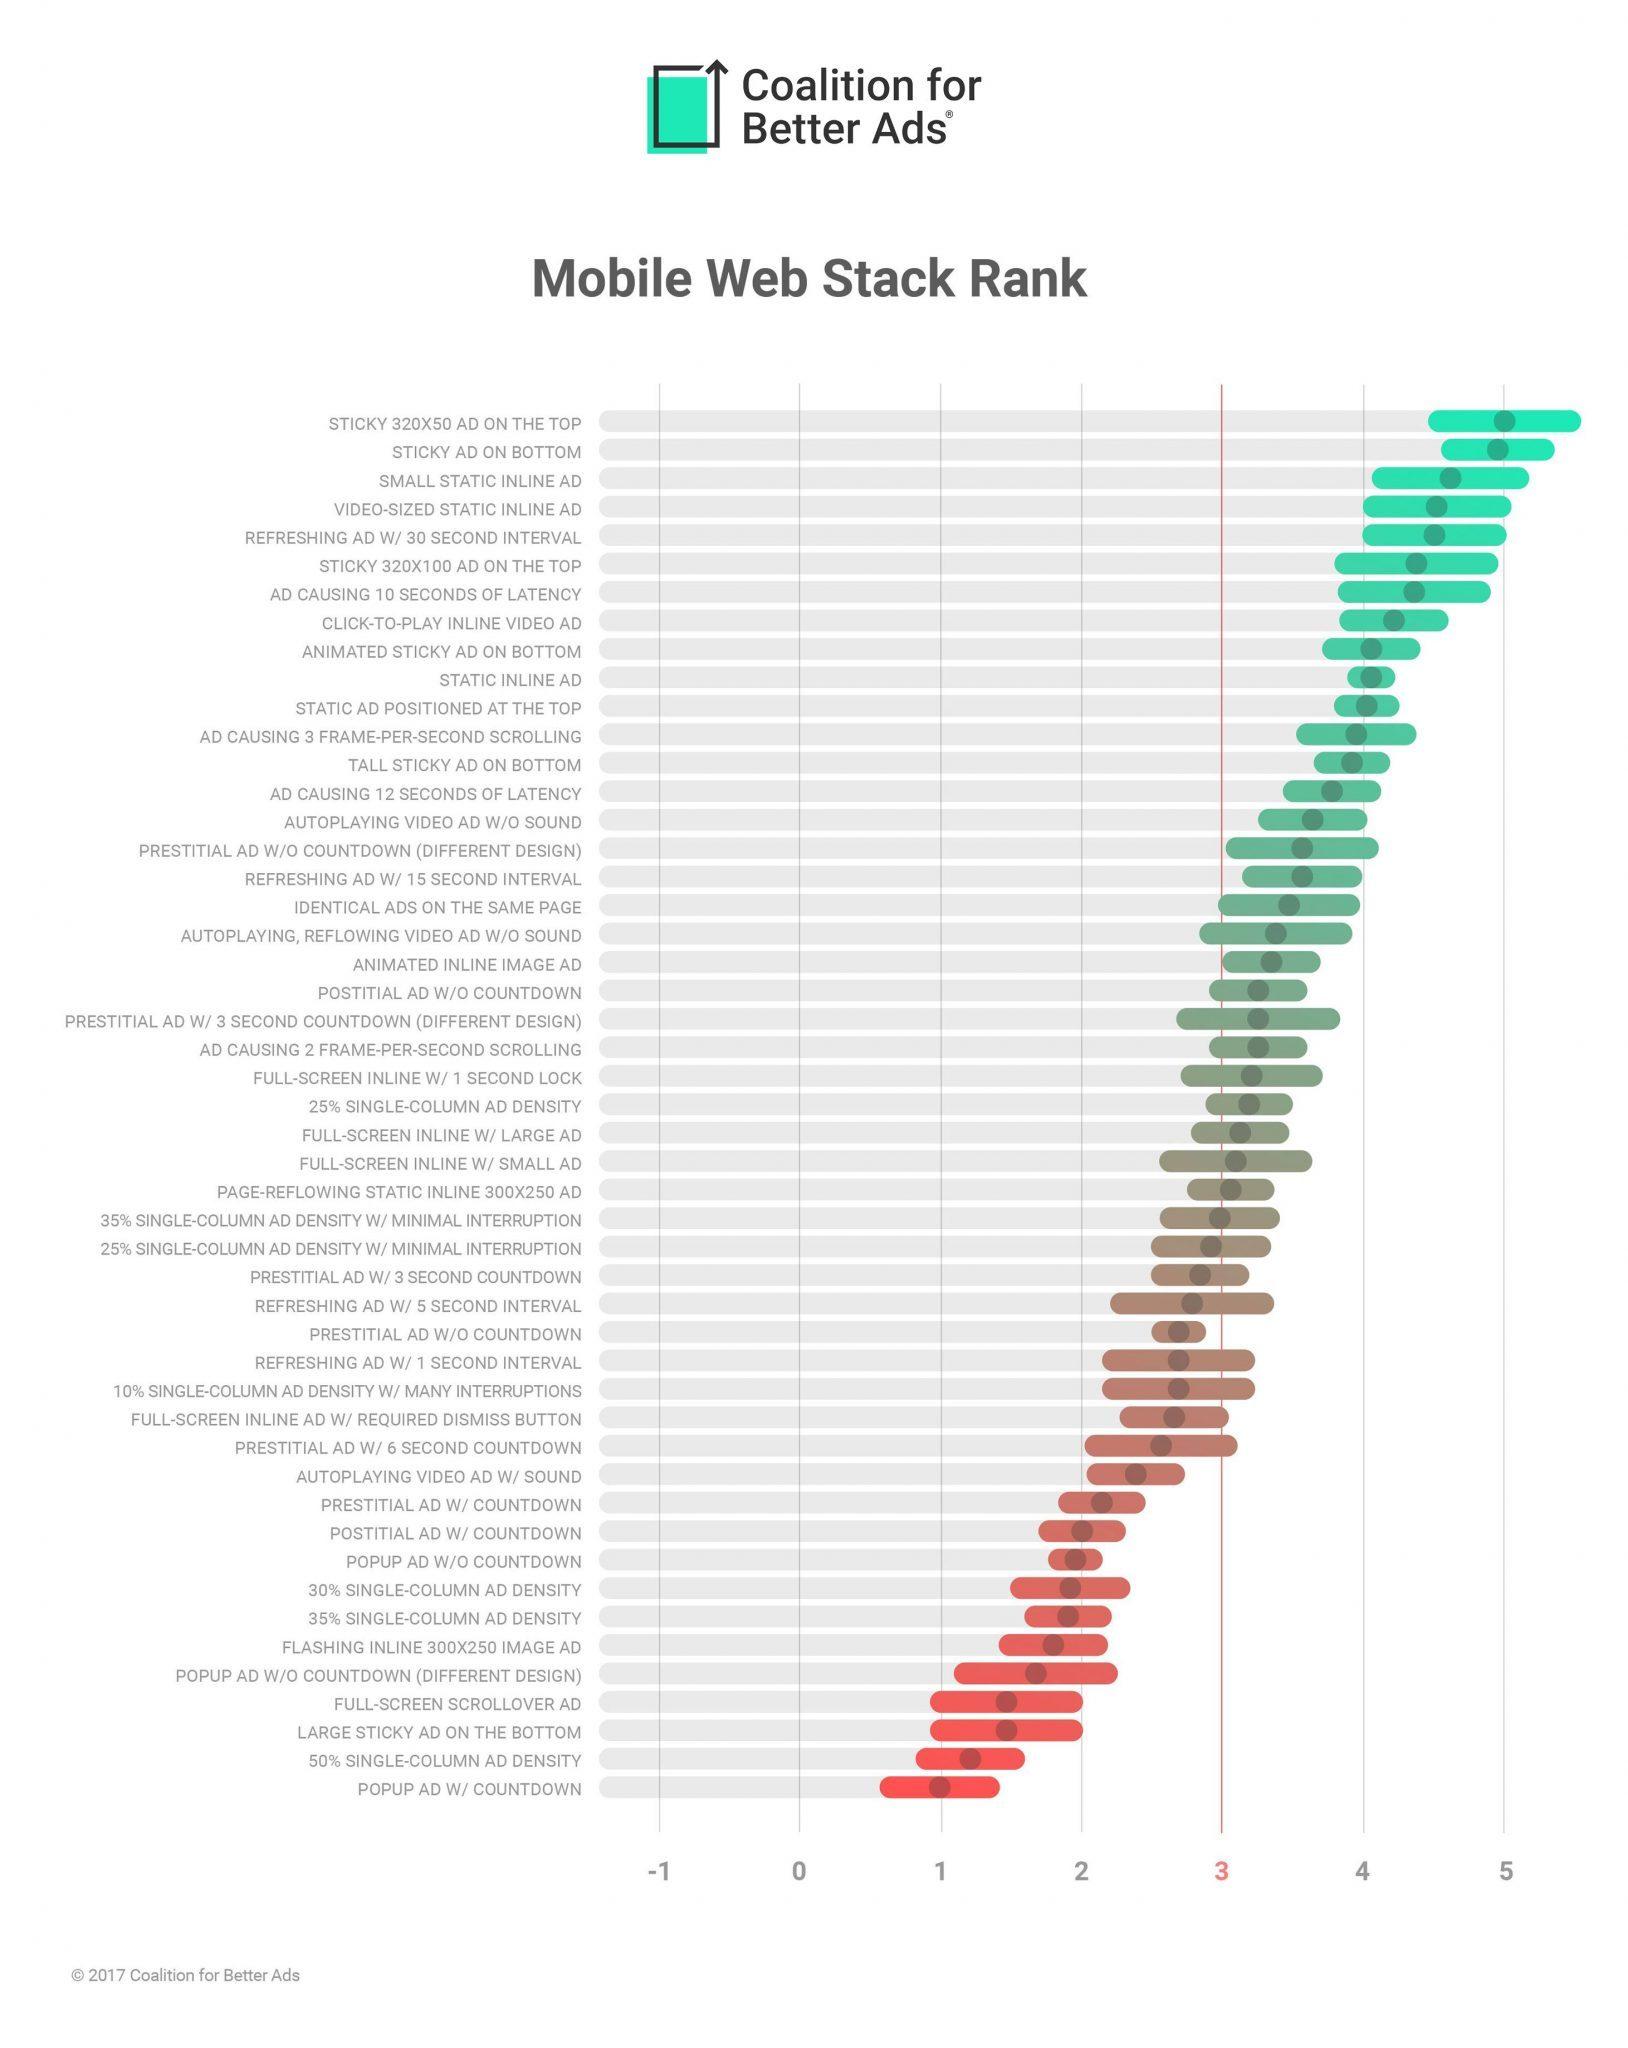 Etude de la Coalition for Better Ads exposant un classement des formats de publicité en fonction de l'expérience utilisateur sur mobile.